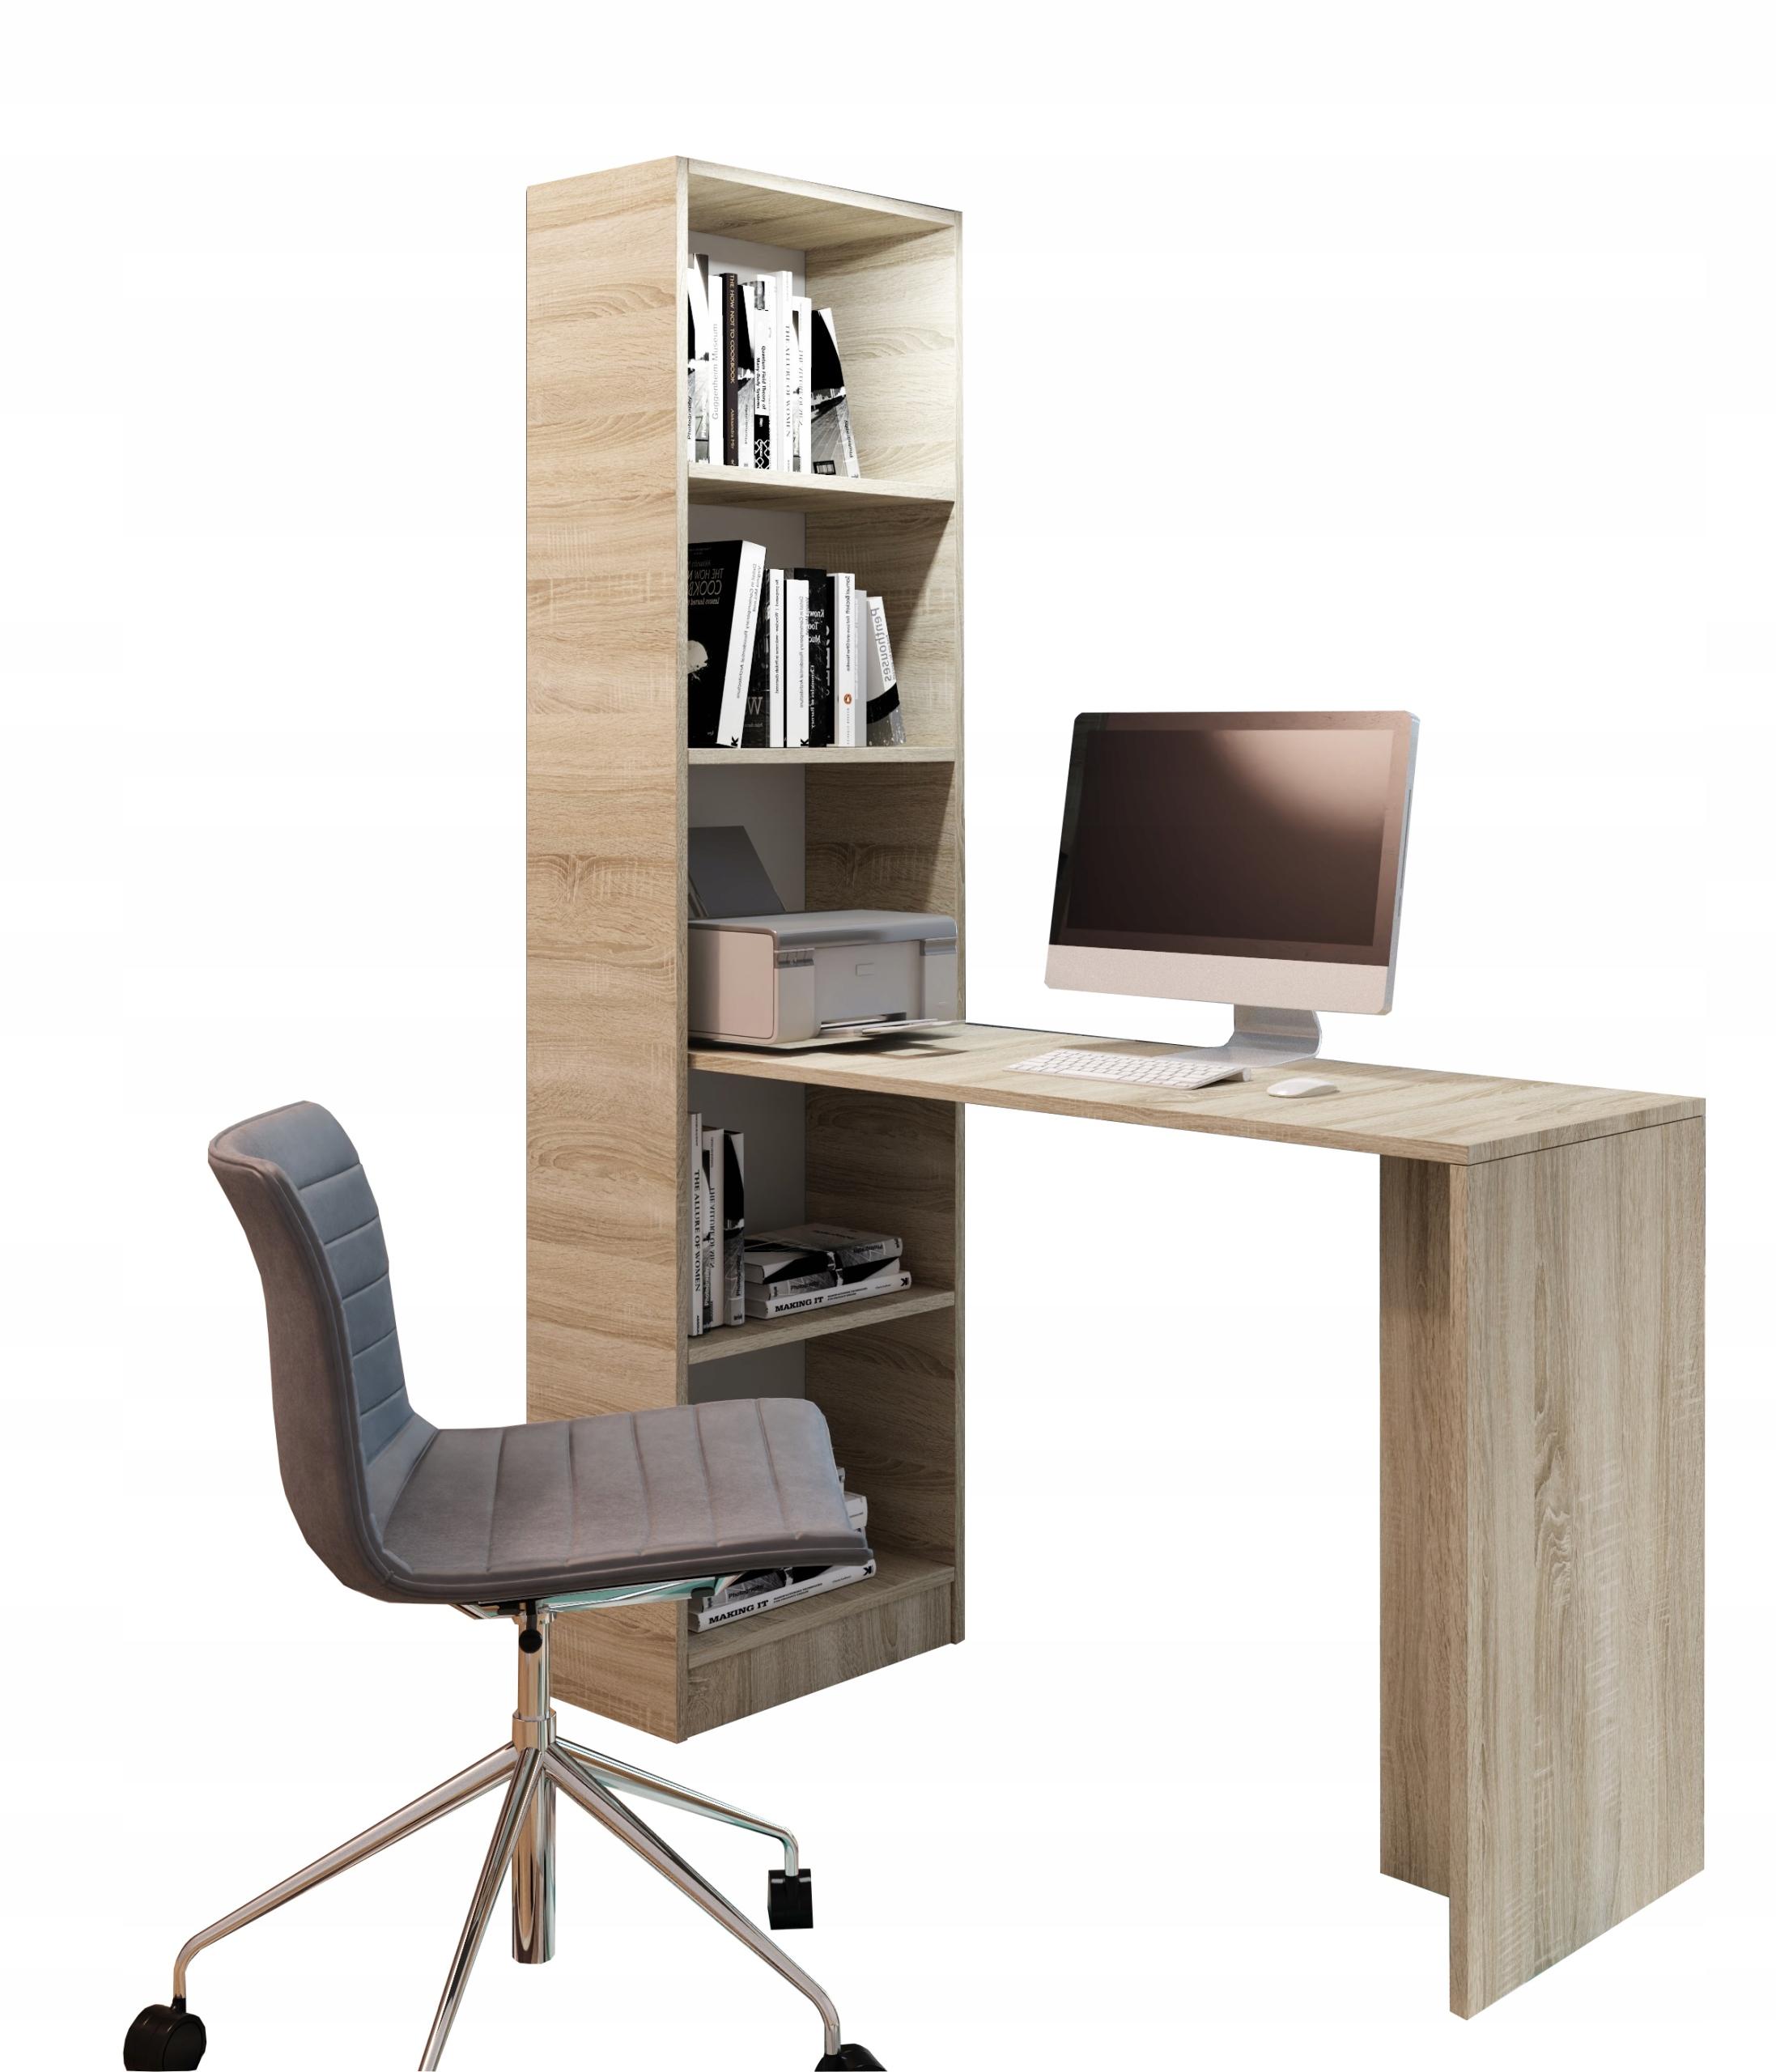 MATEO компьютерная школьная парта, книжный шкаф